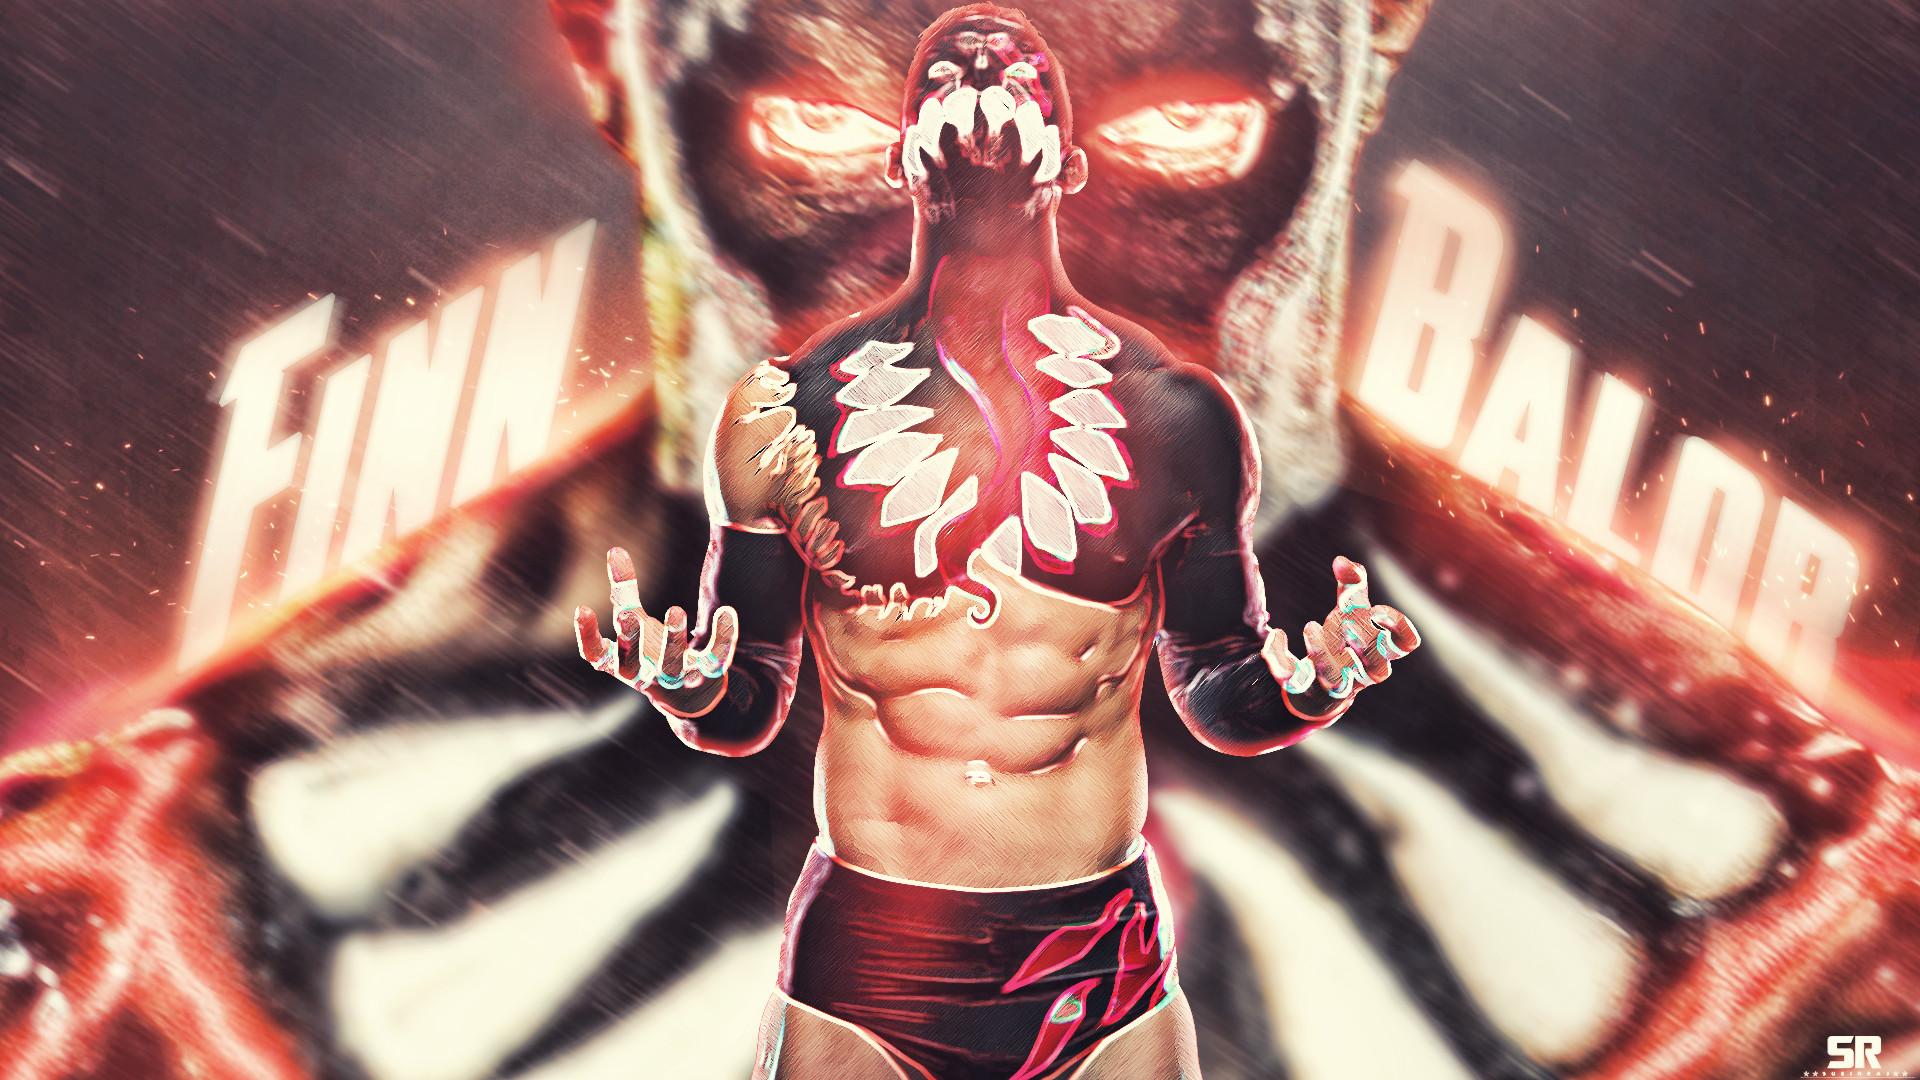 Wallpaper Demon King Finn Balor Wwe Wrestling